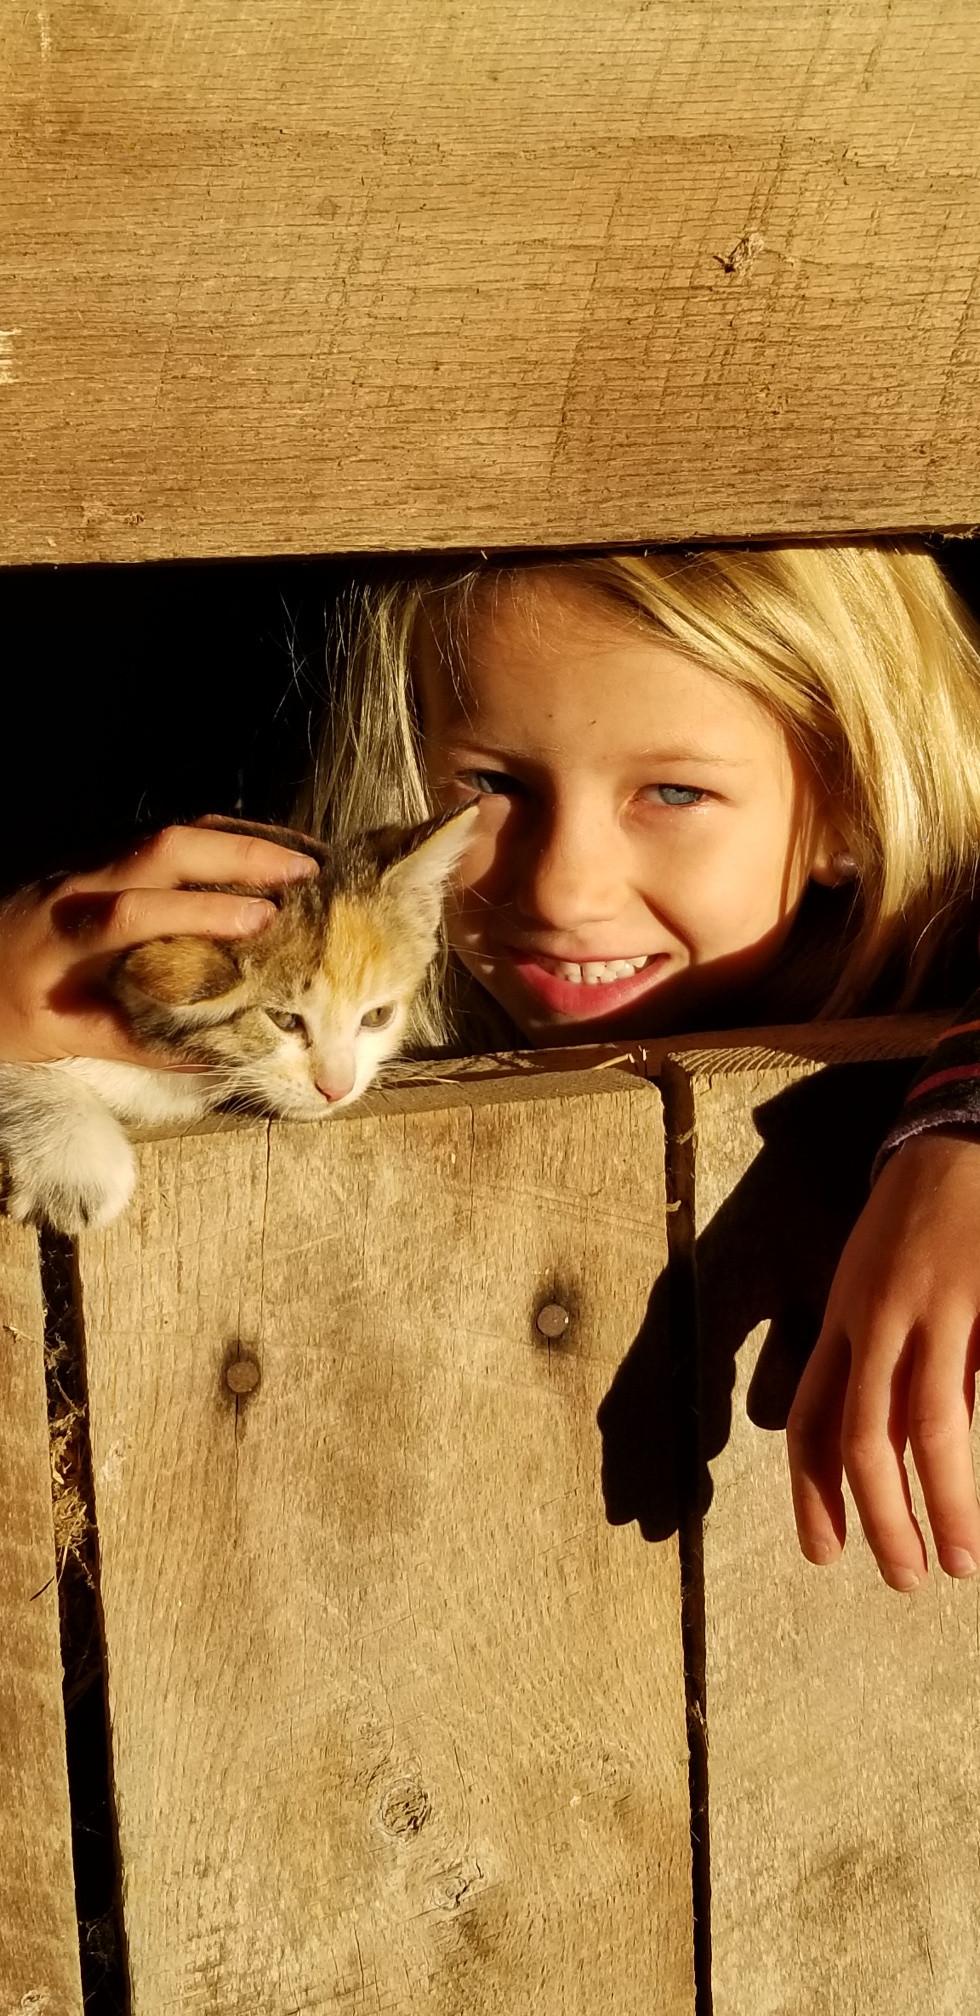 Kitten+-+Copy.jpeg